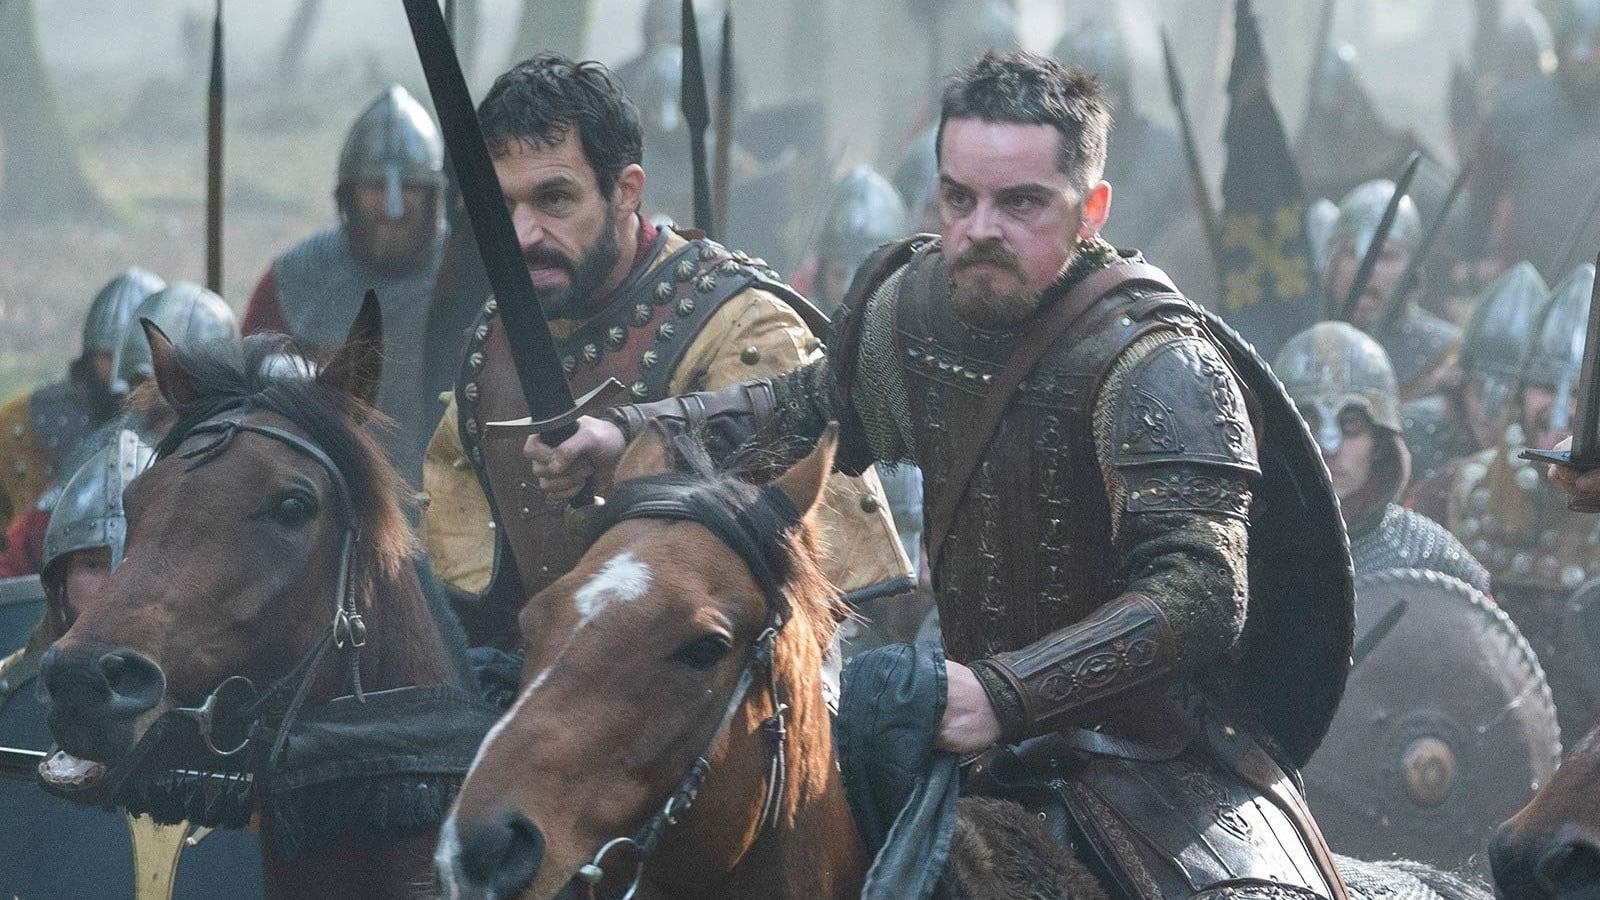 Voir vikings saison 6 en streaming vf ou vostfr gratuitement en complet de tous les 89 épisodes stream gratuit. Vikings Saison 6 Episode 19 Streaming Vf Papystreaming